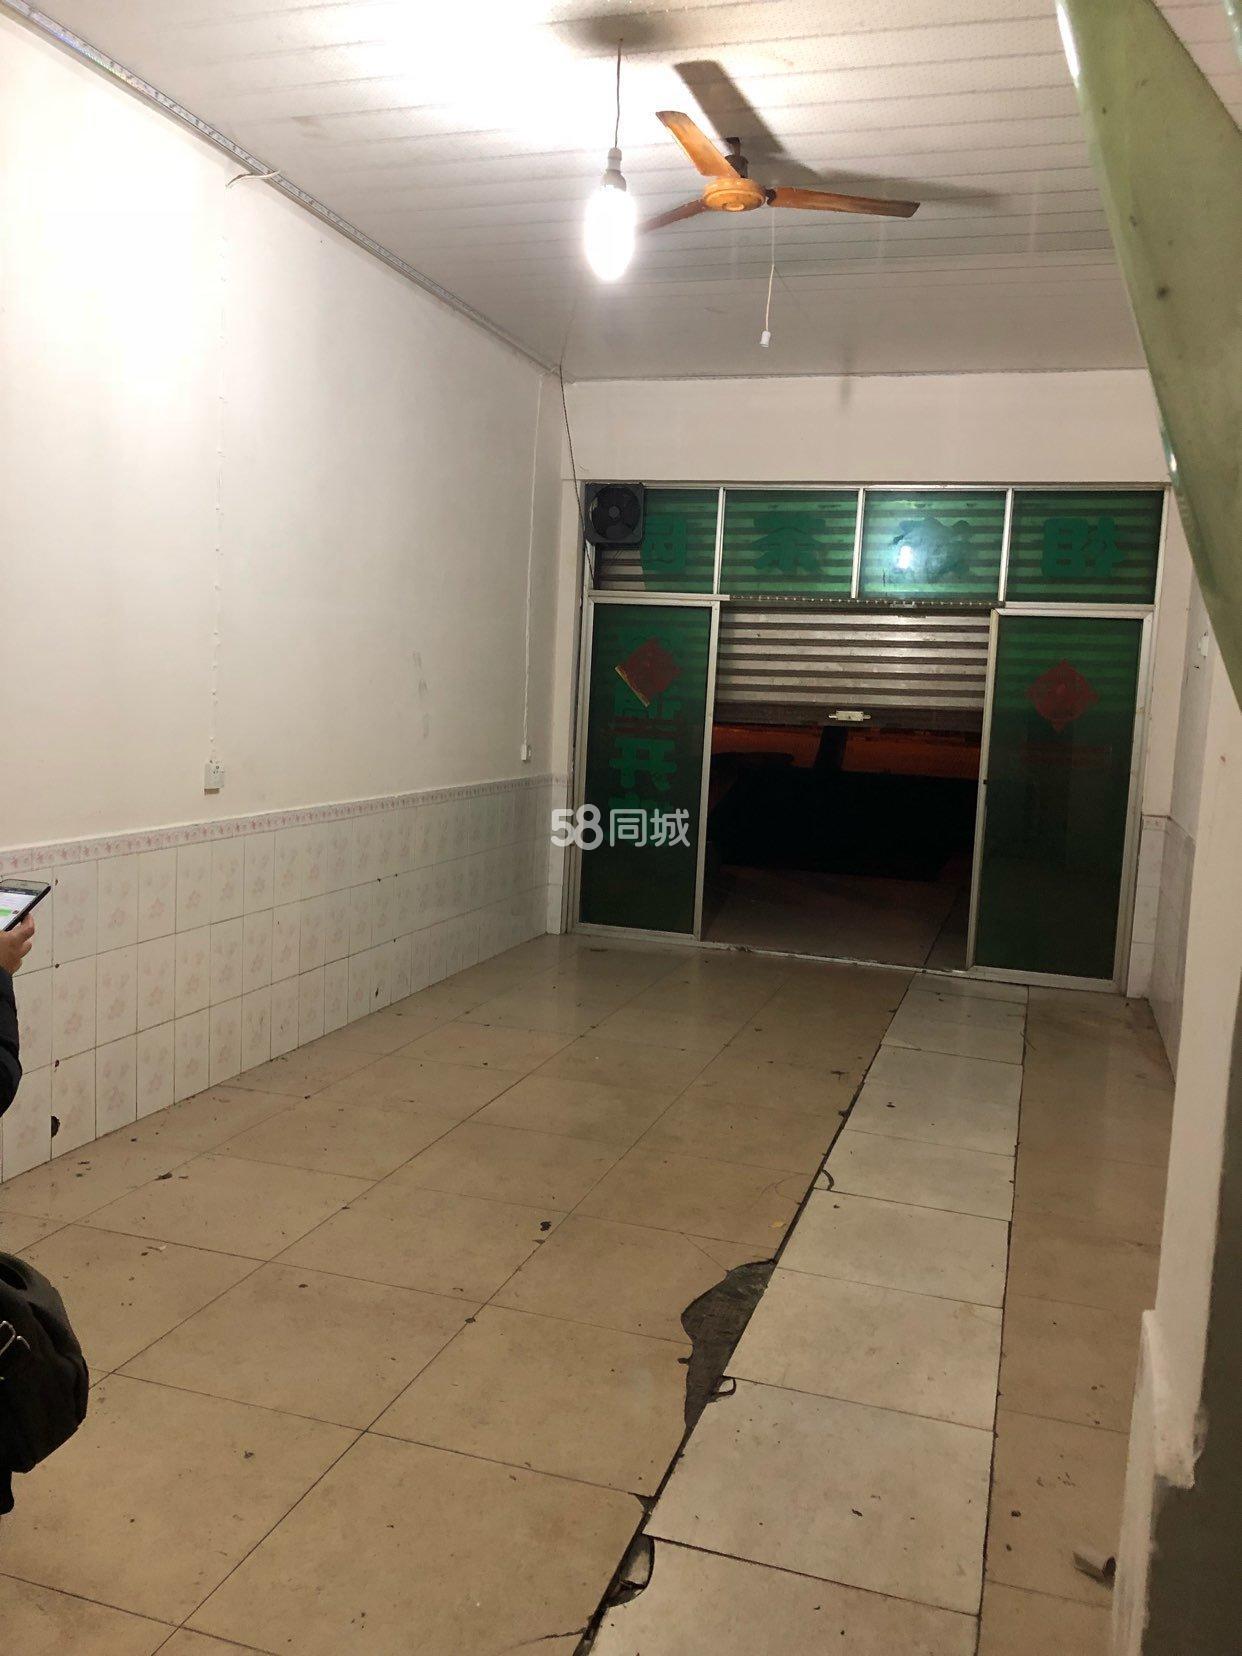 蓬溪奎阁广场197号1室1厅1卫